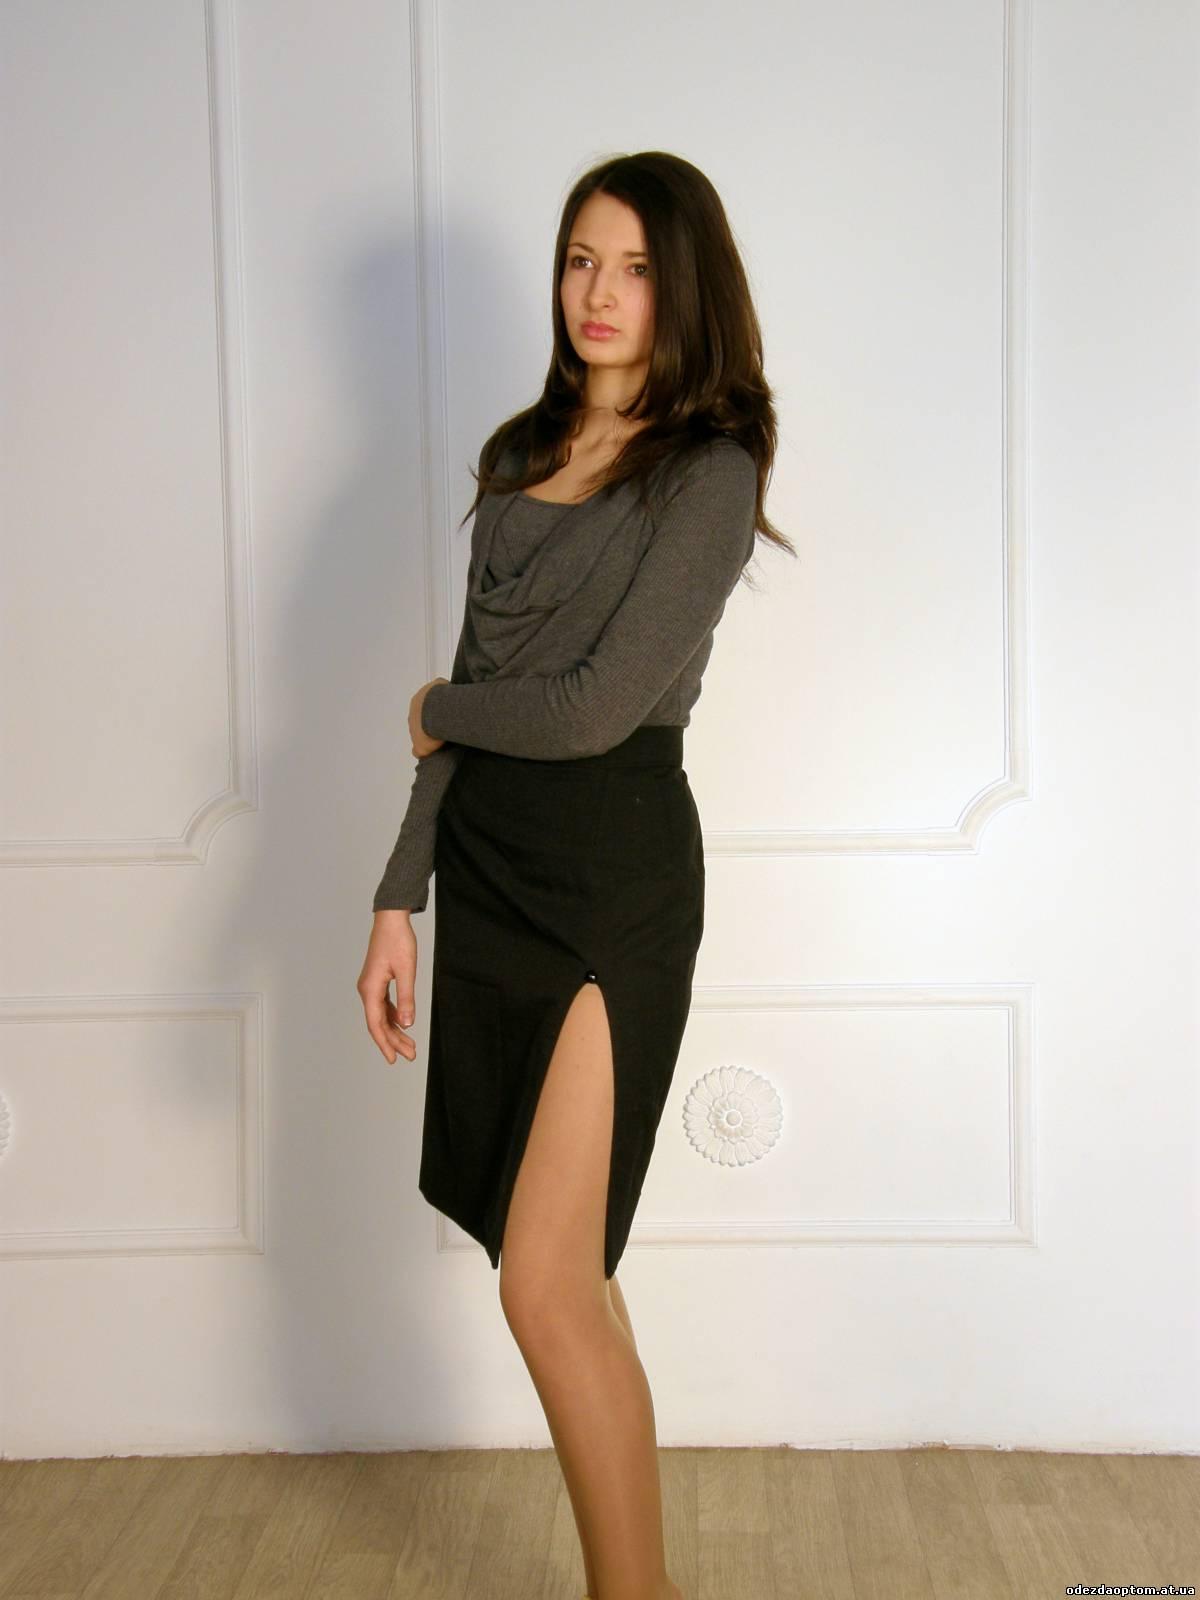 Фото девушек в строгих юбках фото 15 фотография